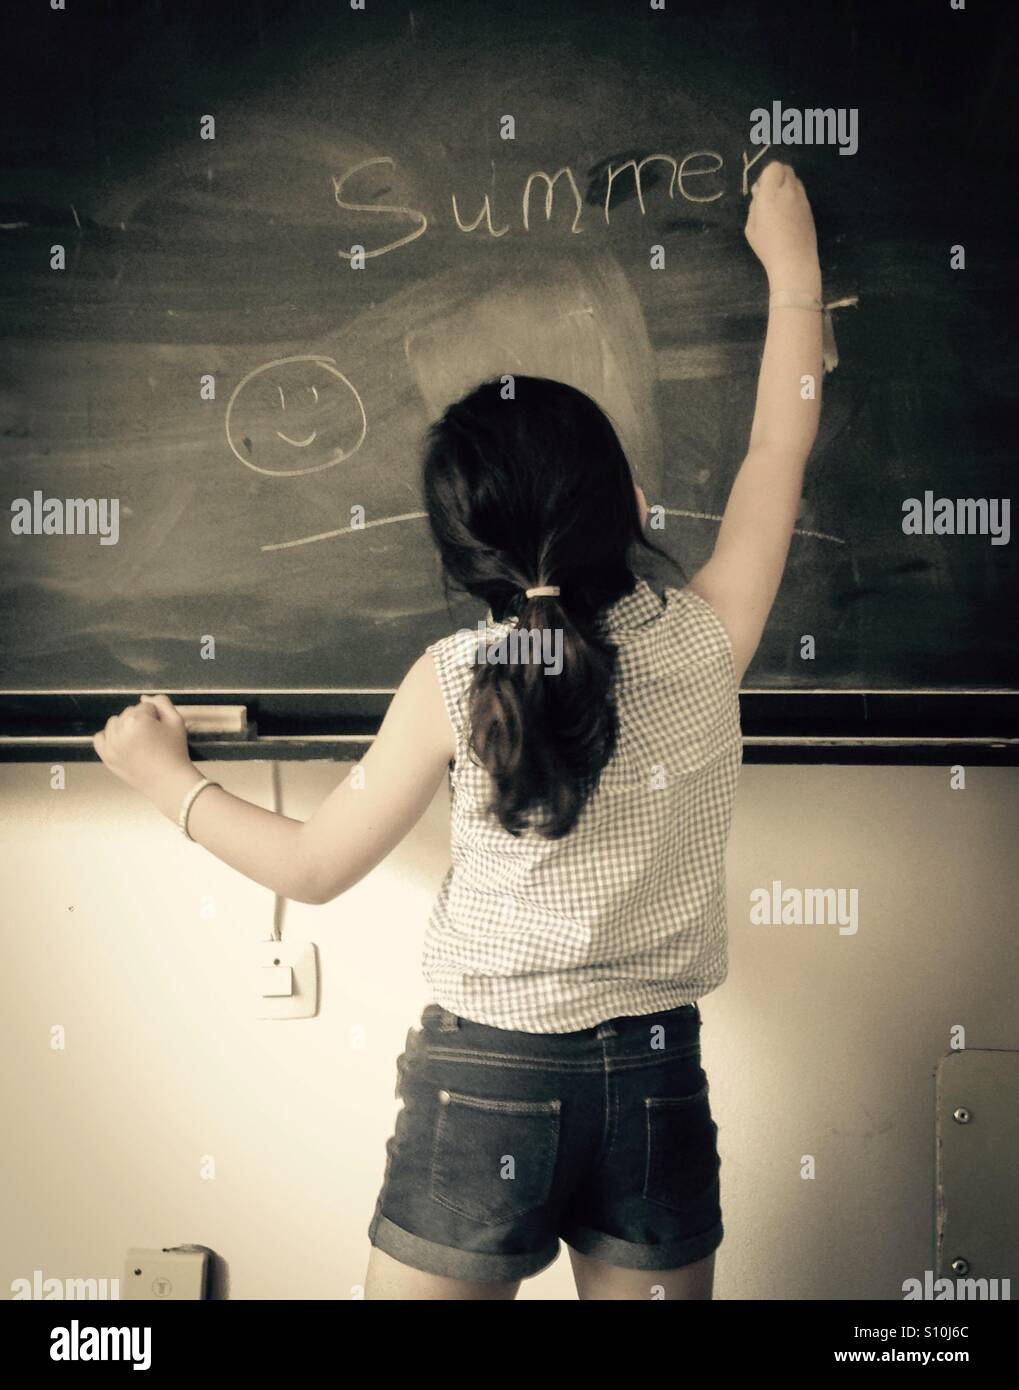 Vacances scolaires d'été Photo Stock